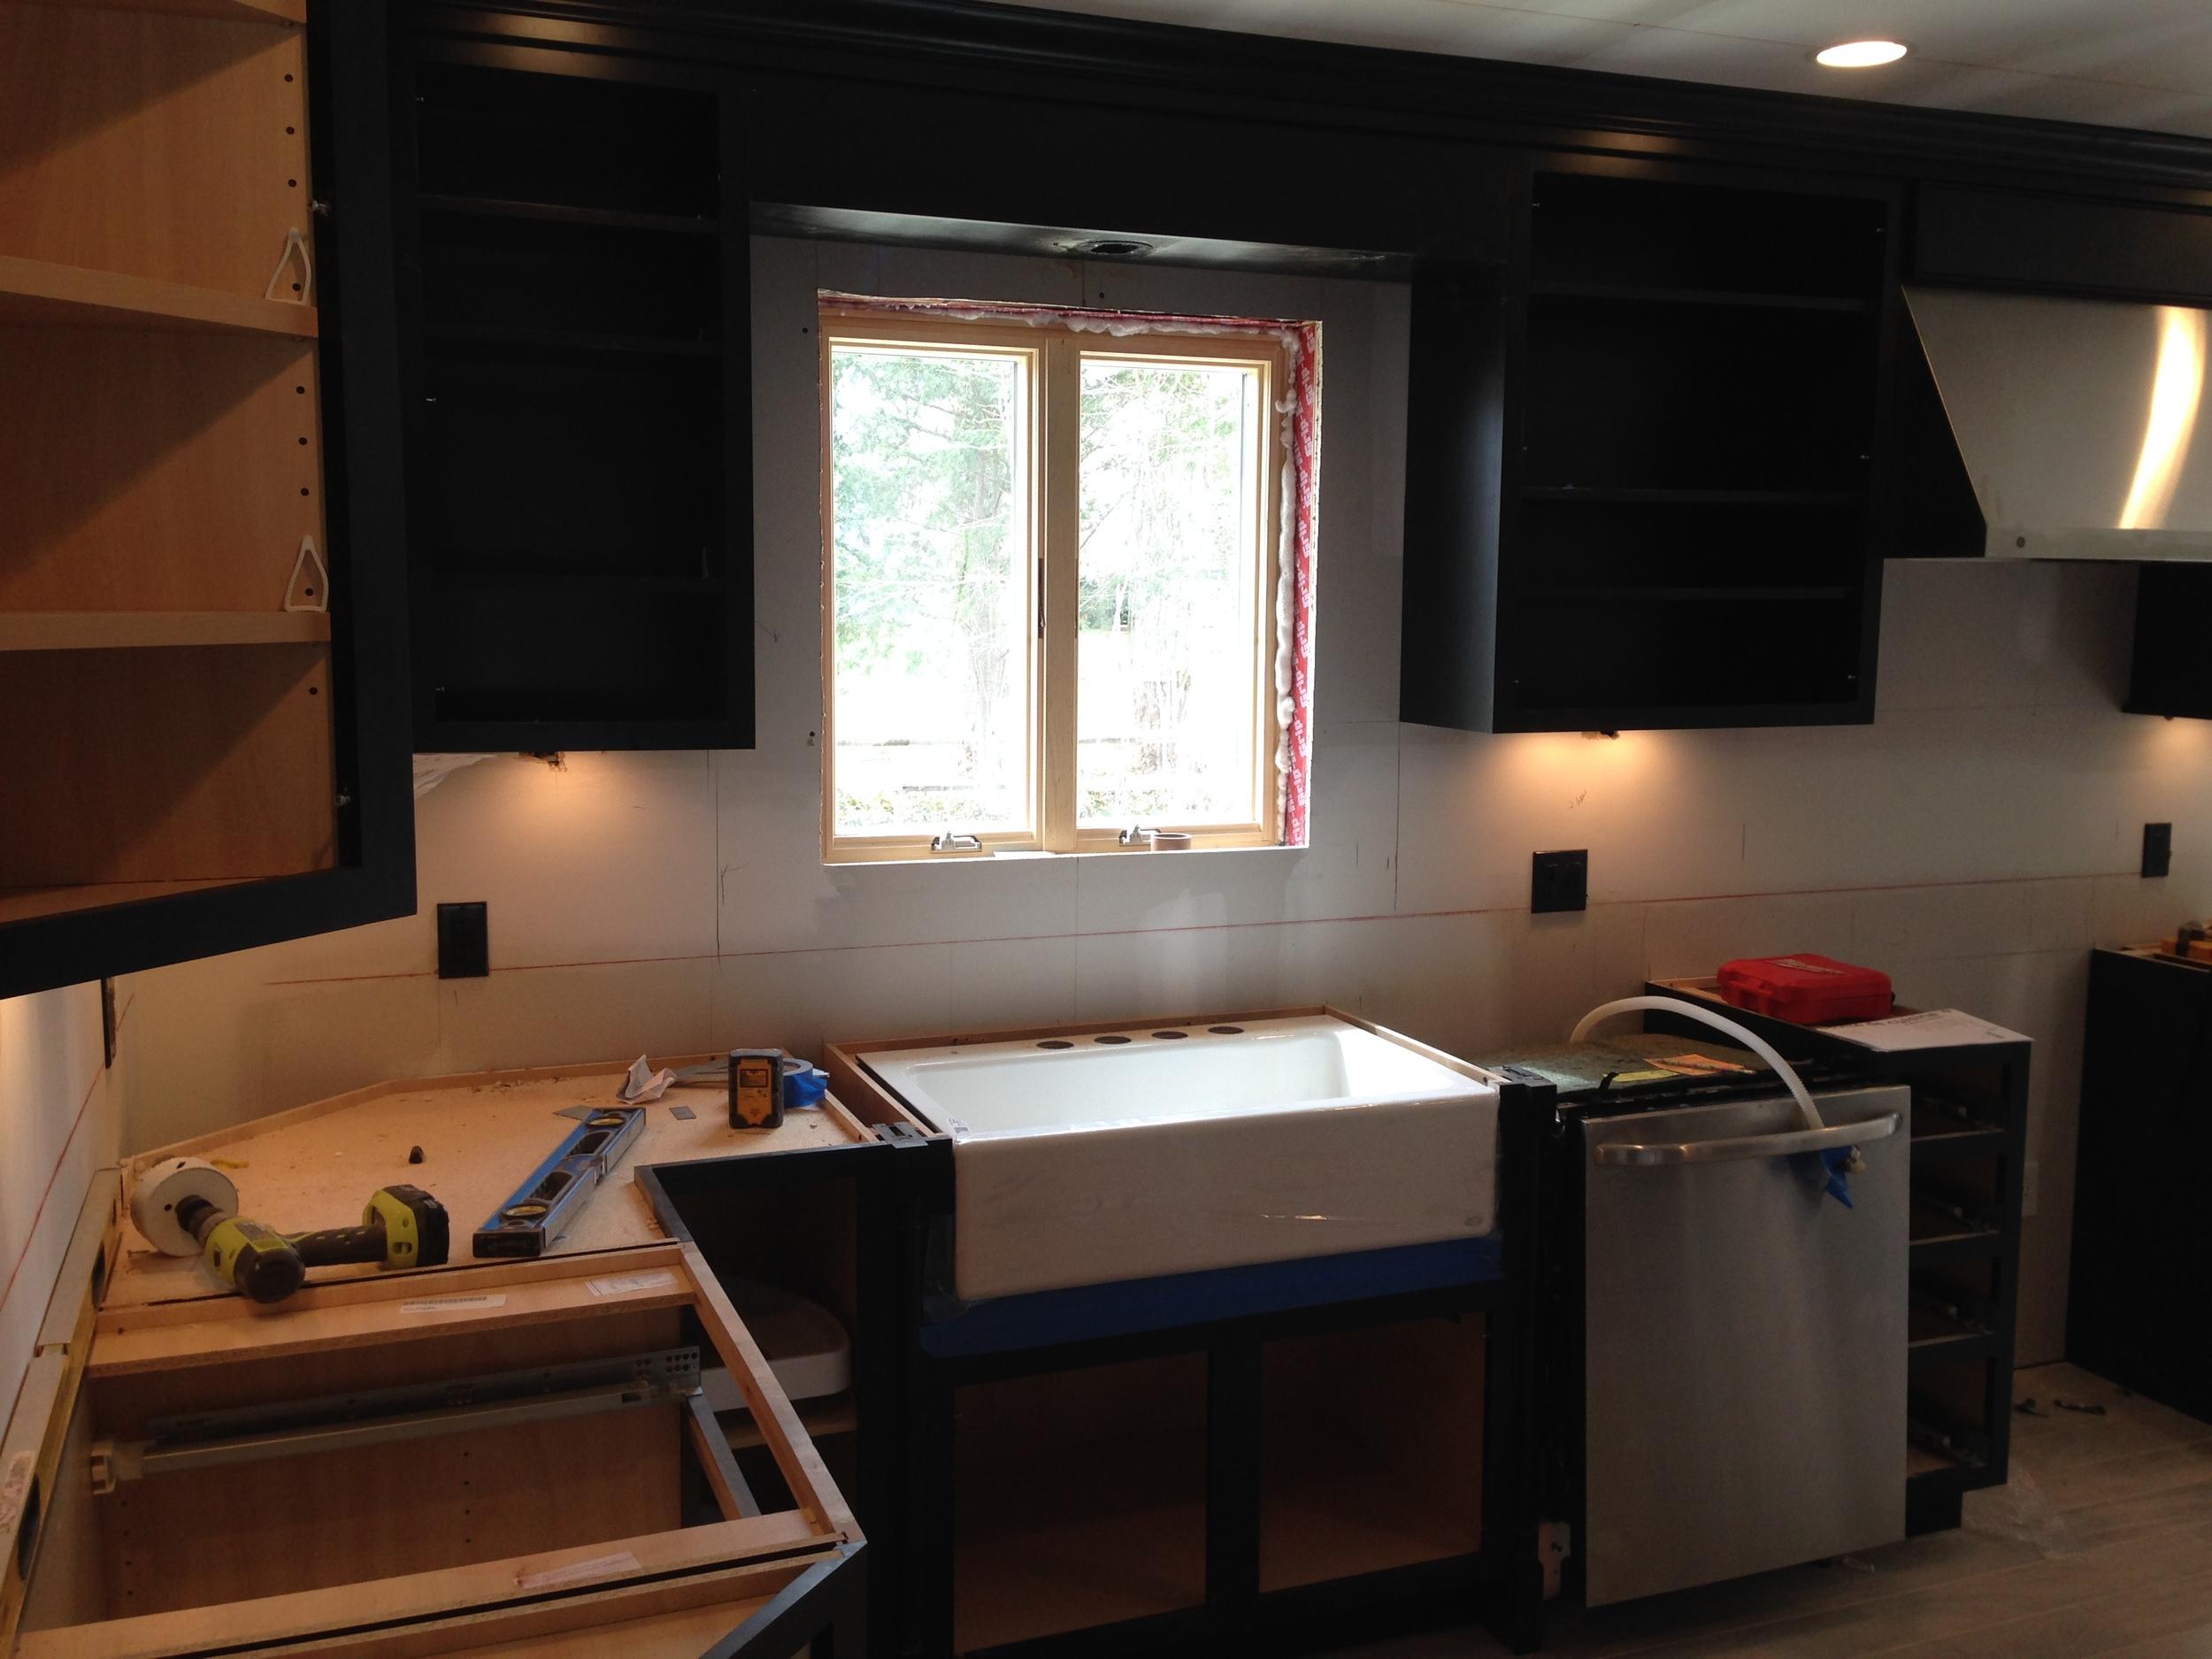 Kitchen in progress.